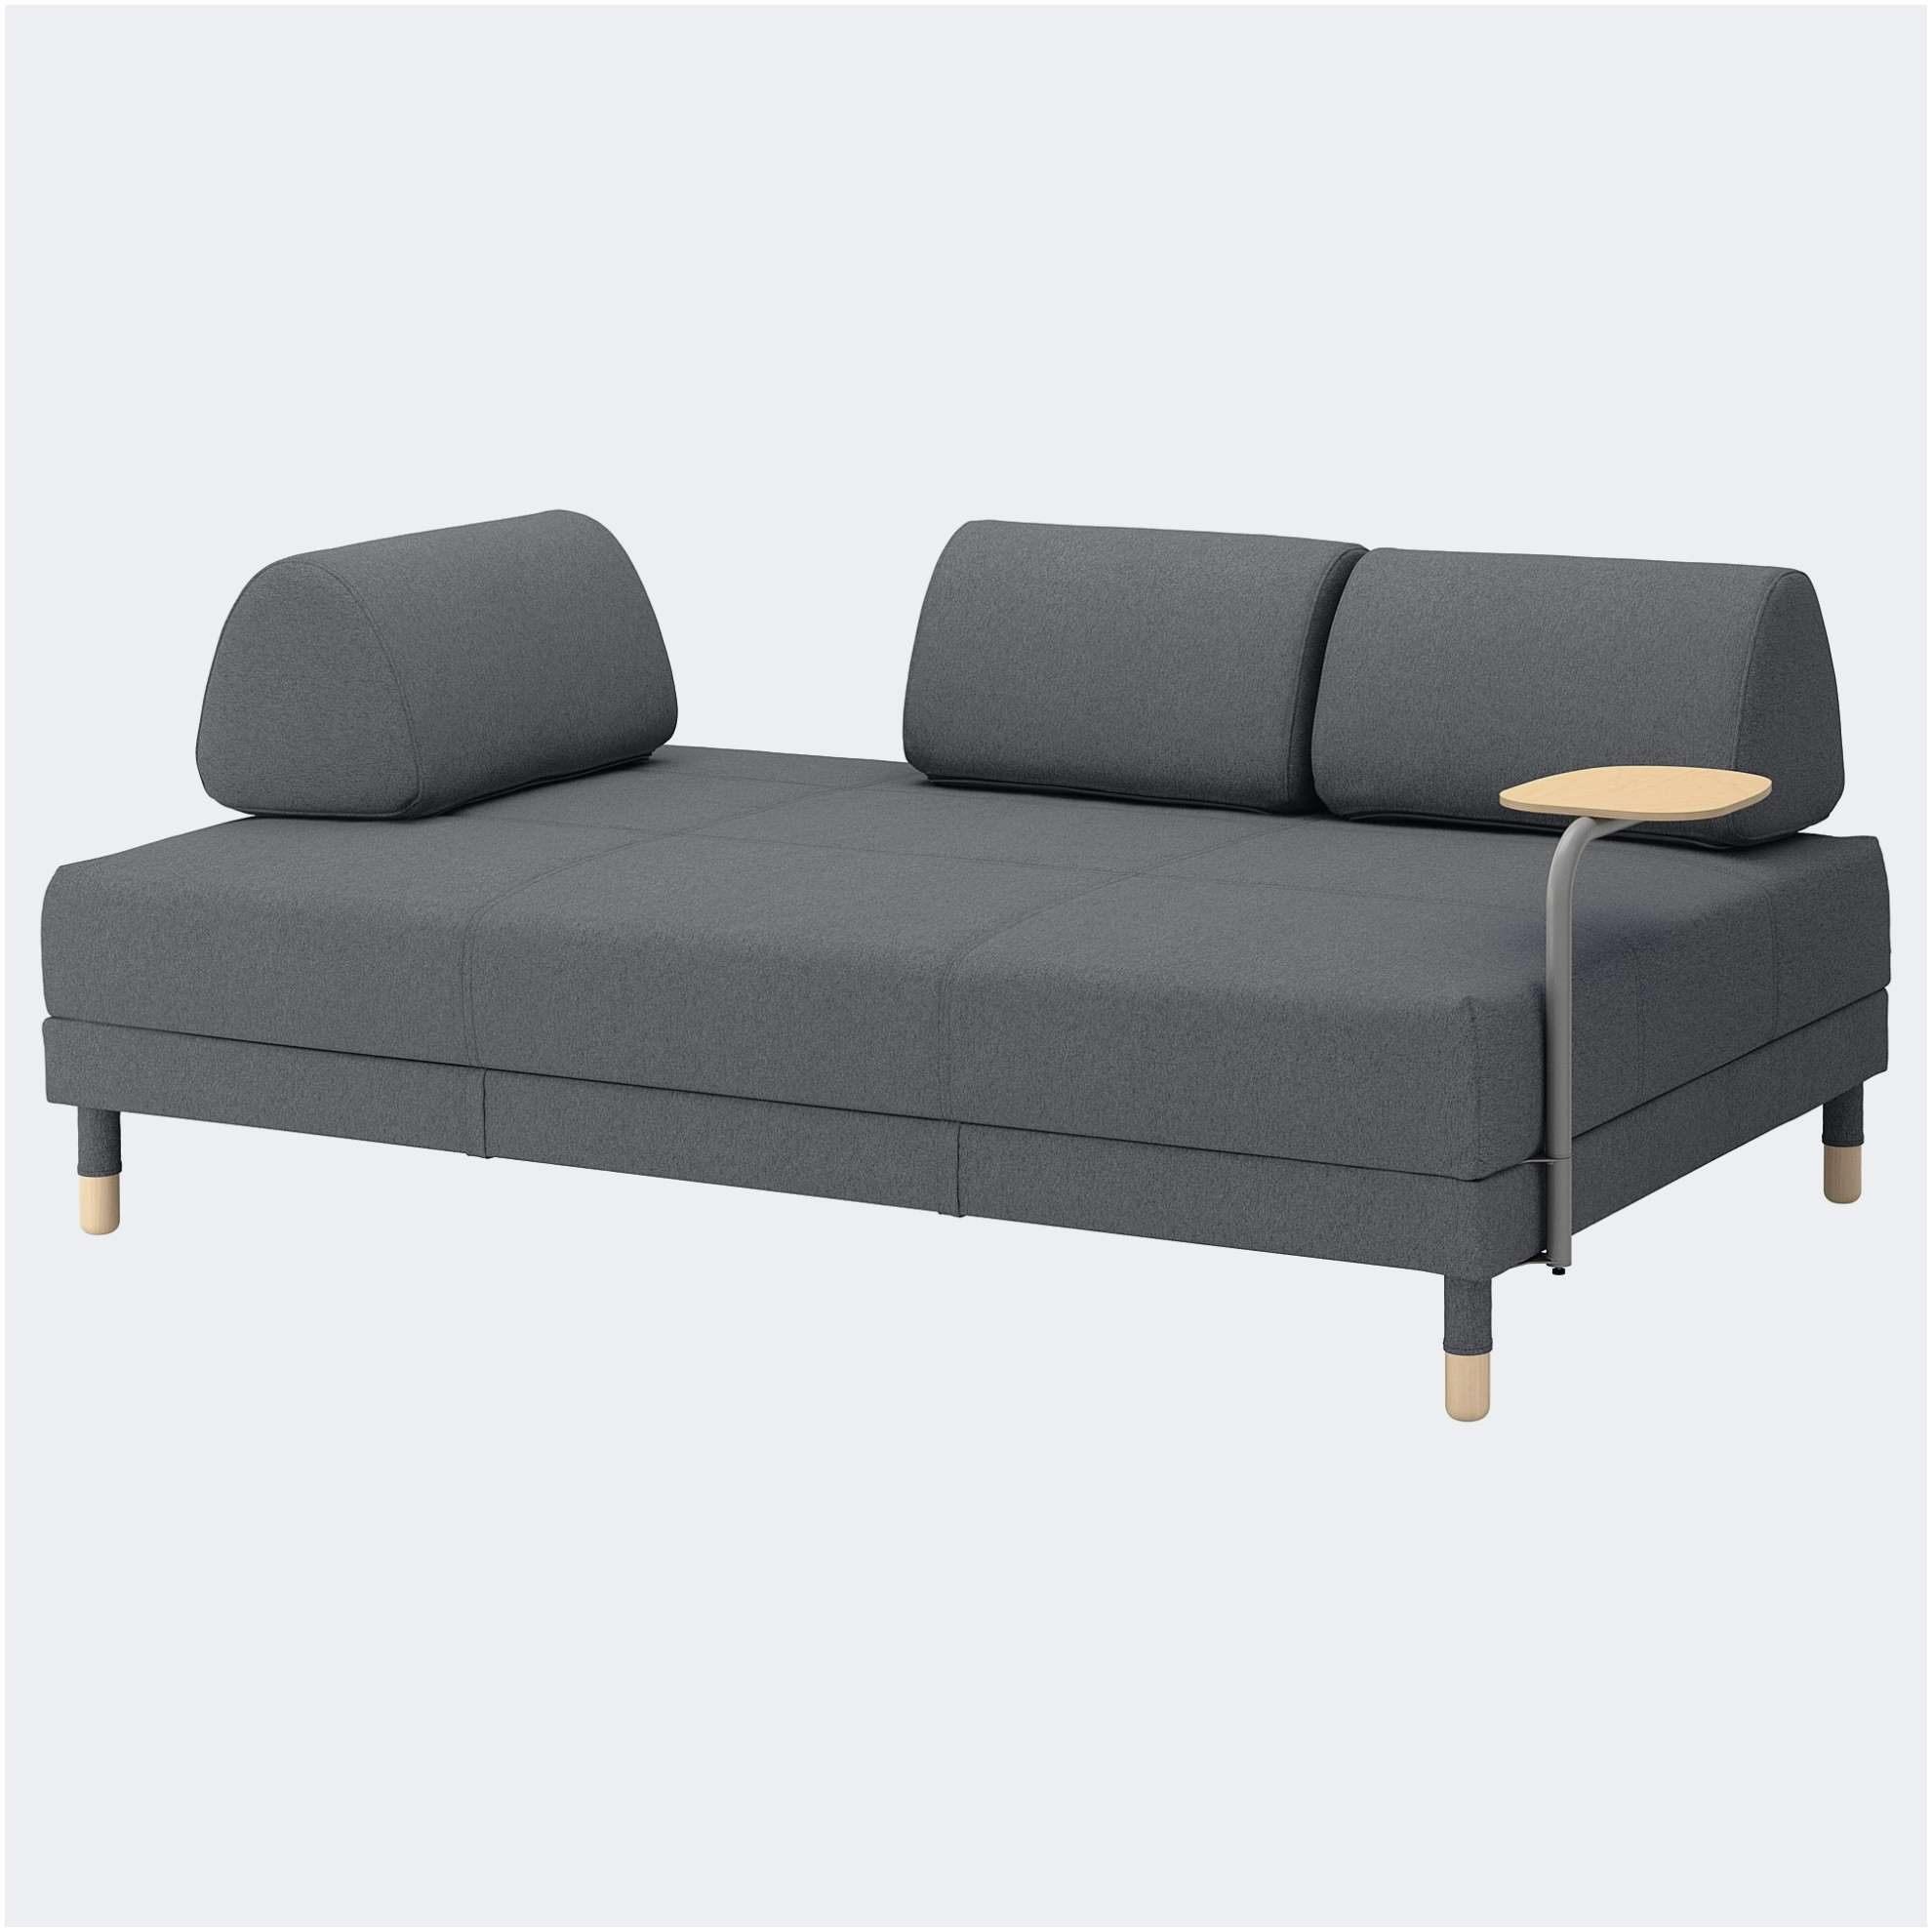 Canapé Lit Fer forgé Nouveau Unique Canapé 3 Places Ikea Inspirant Canap D Angle Imitation Cuir